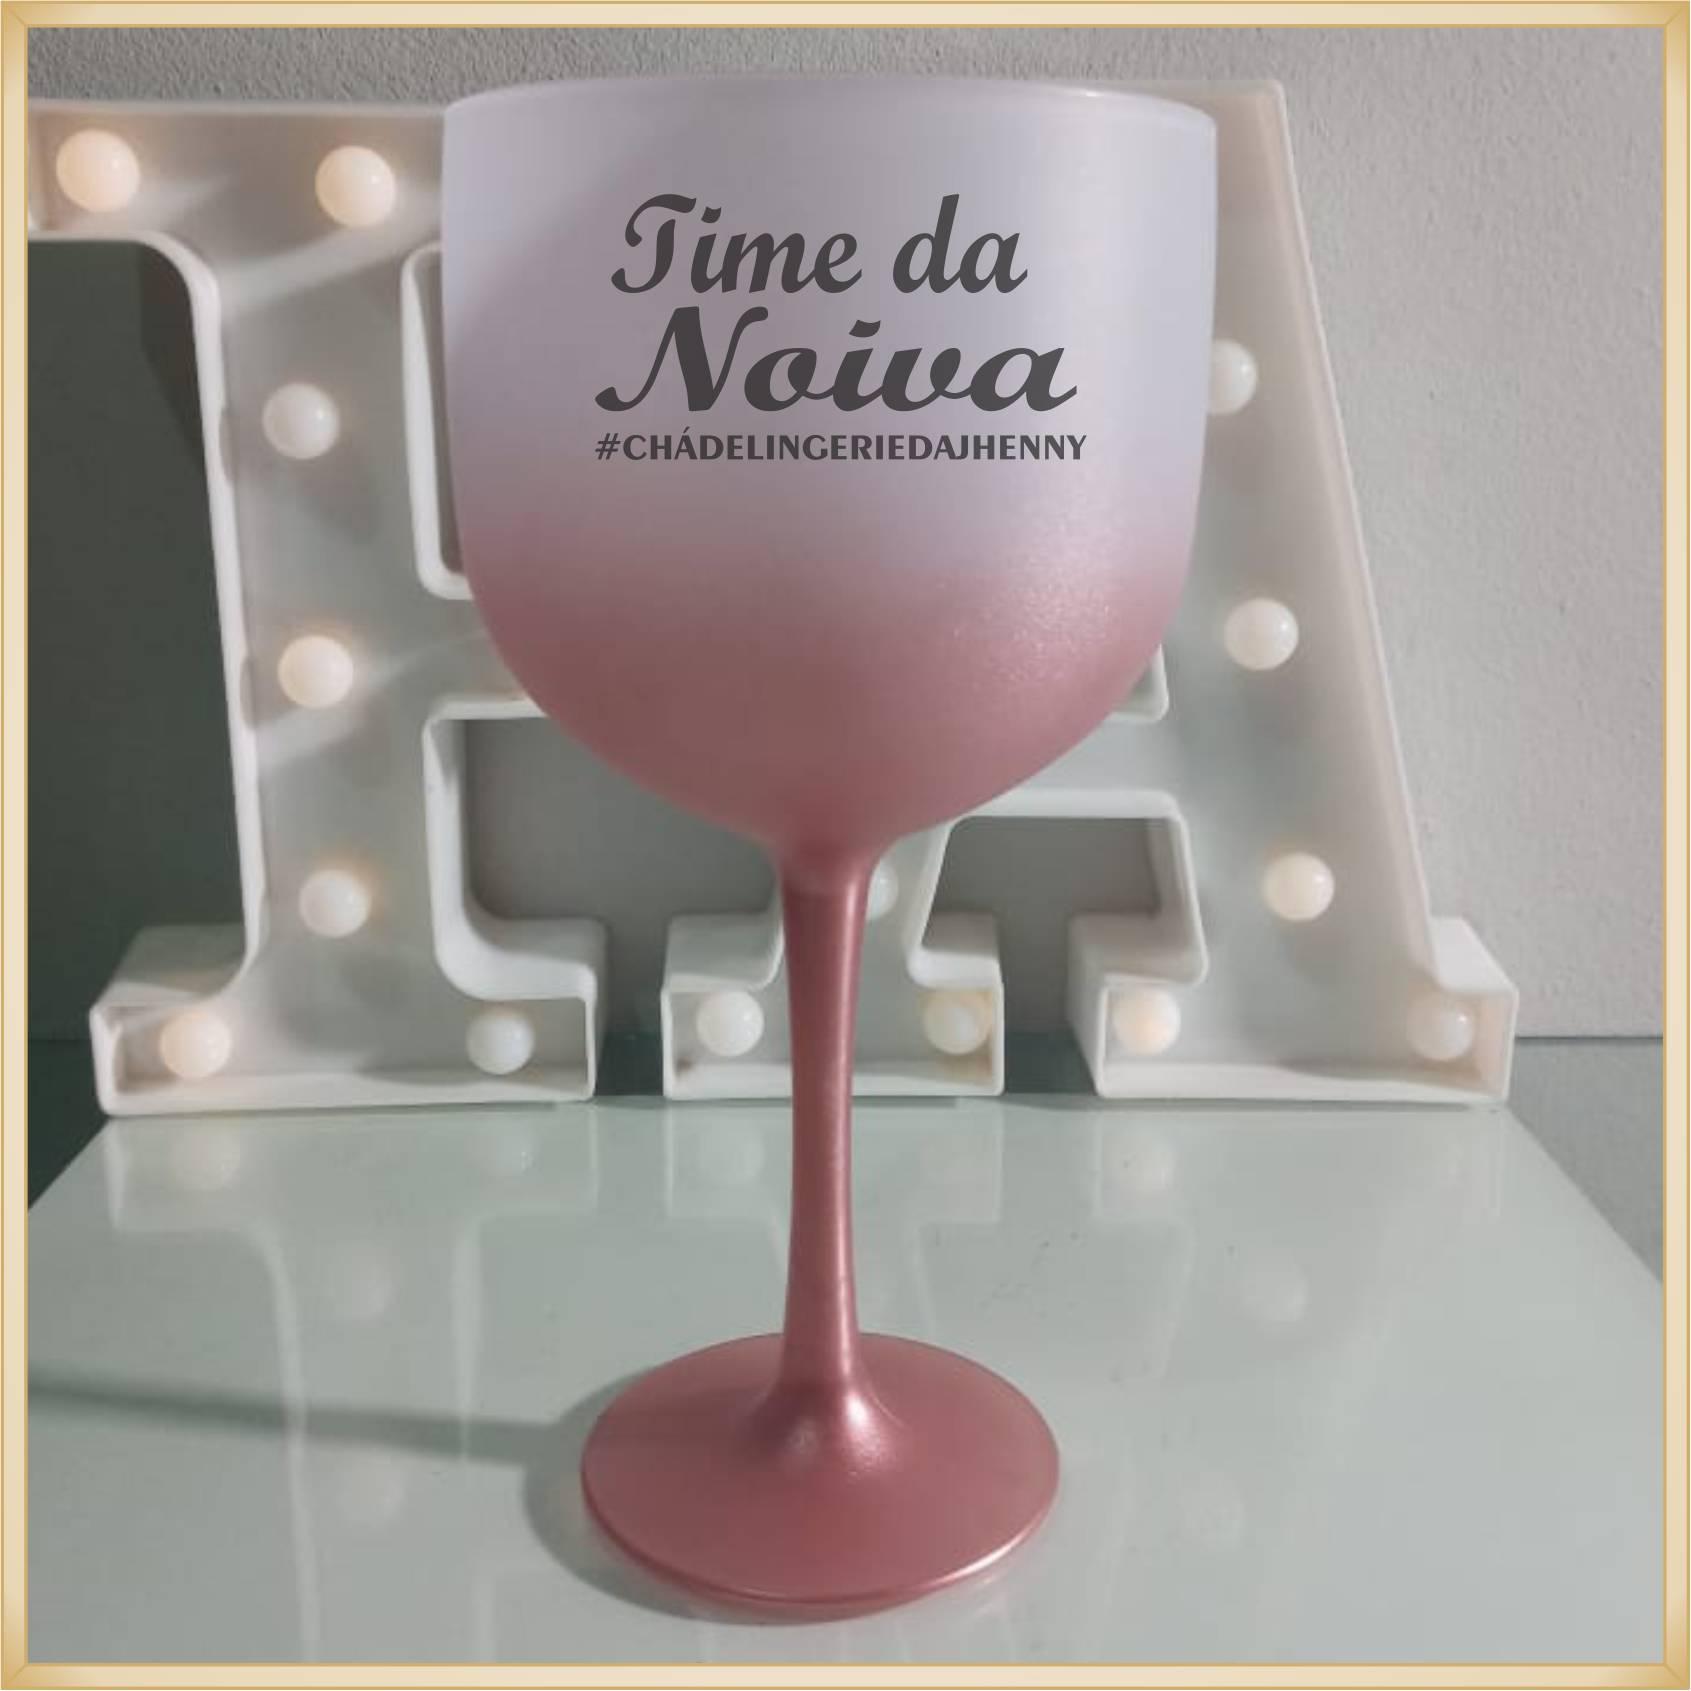 Taça de gin degradê personalizada Despedida de Solteira - produto de alta qualidade, brilhante, ótimo acabamento, parede de 2,5 mm, material atóxico, 580 ml.